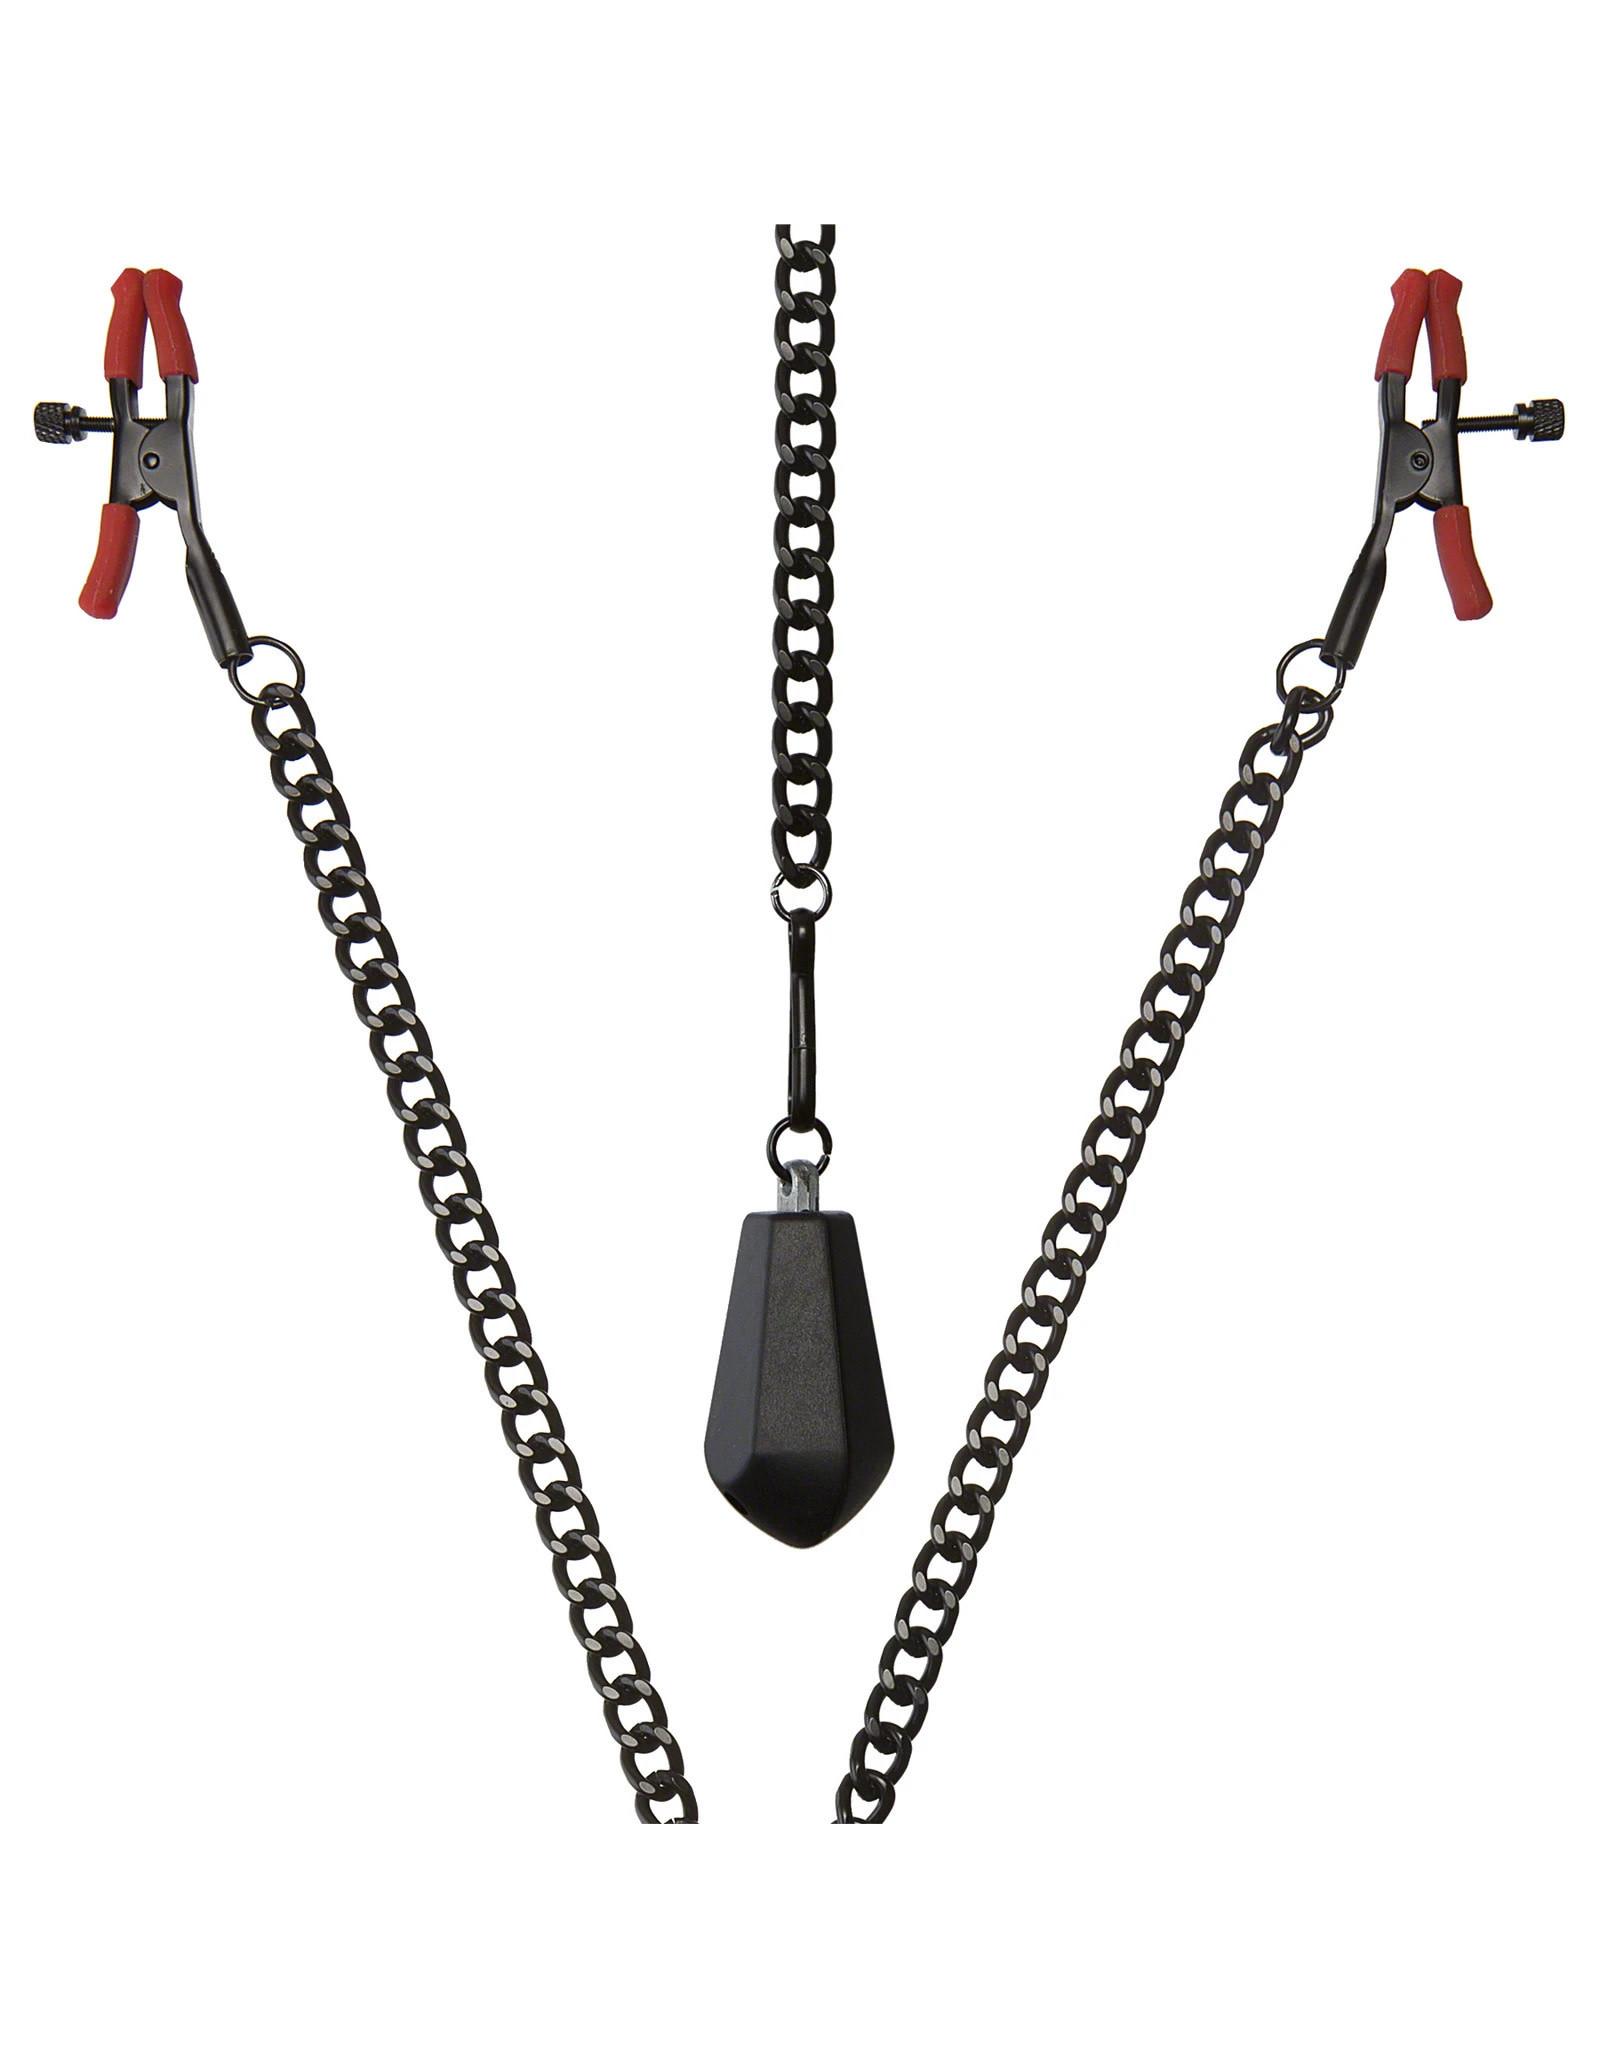 KINK KINK TUG Nipple Clips/Heavy Weights